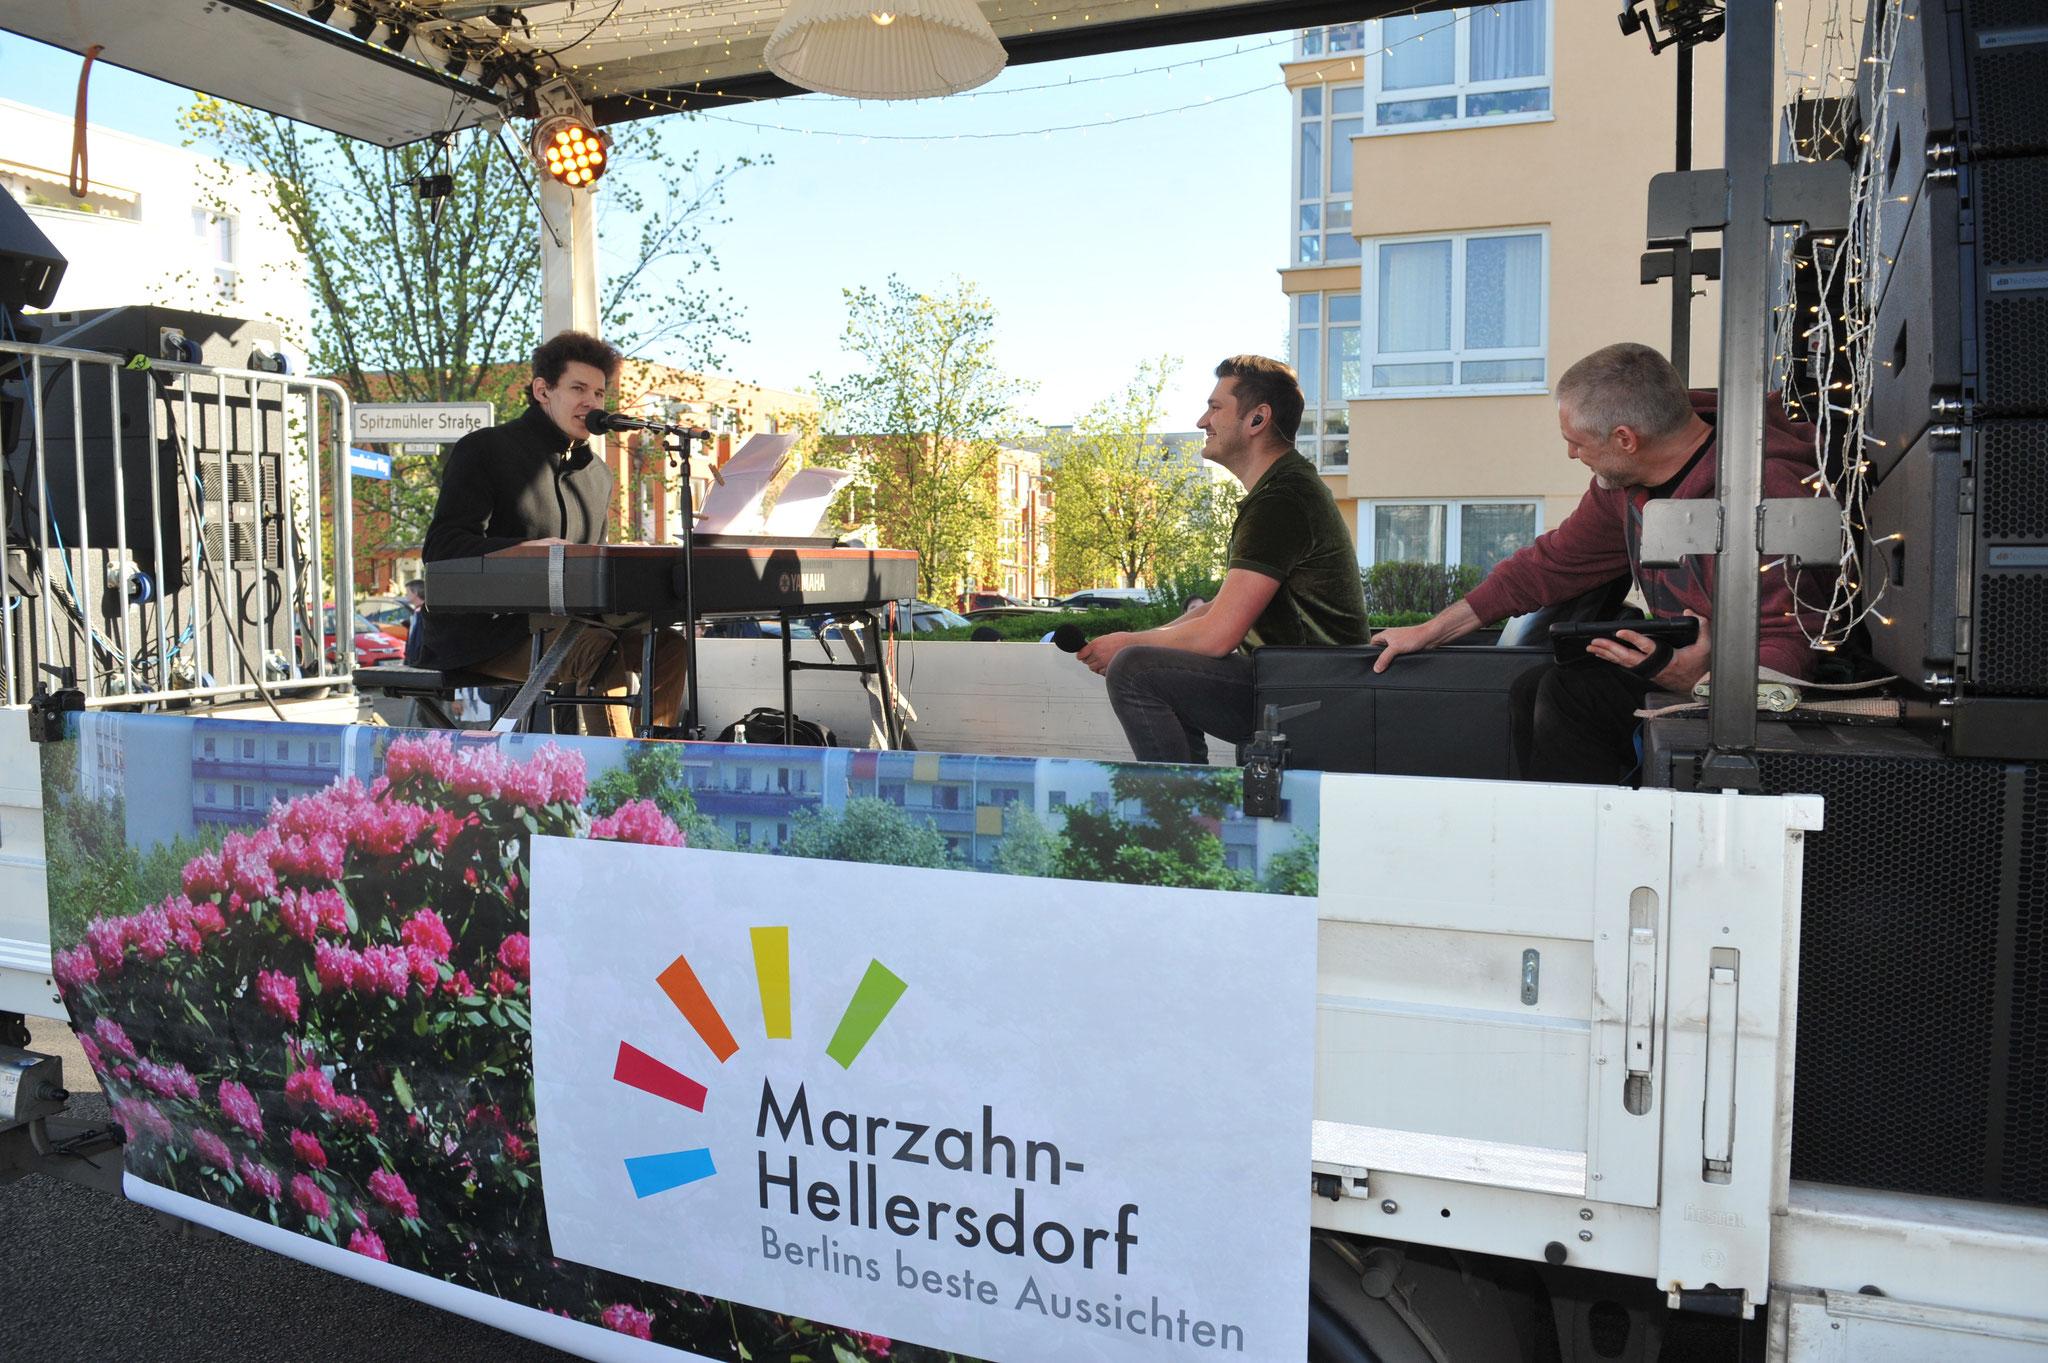 Am Samstag rollte der Truck zunächst durch die Wohngebiete an der Eisenacher Straße. Hier haut Youtube-Star Thomas Krüger gerade in die Tasten. © pressefoto-uhlemann.de